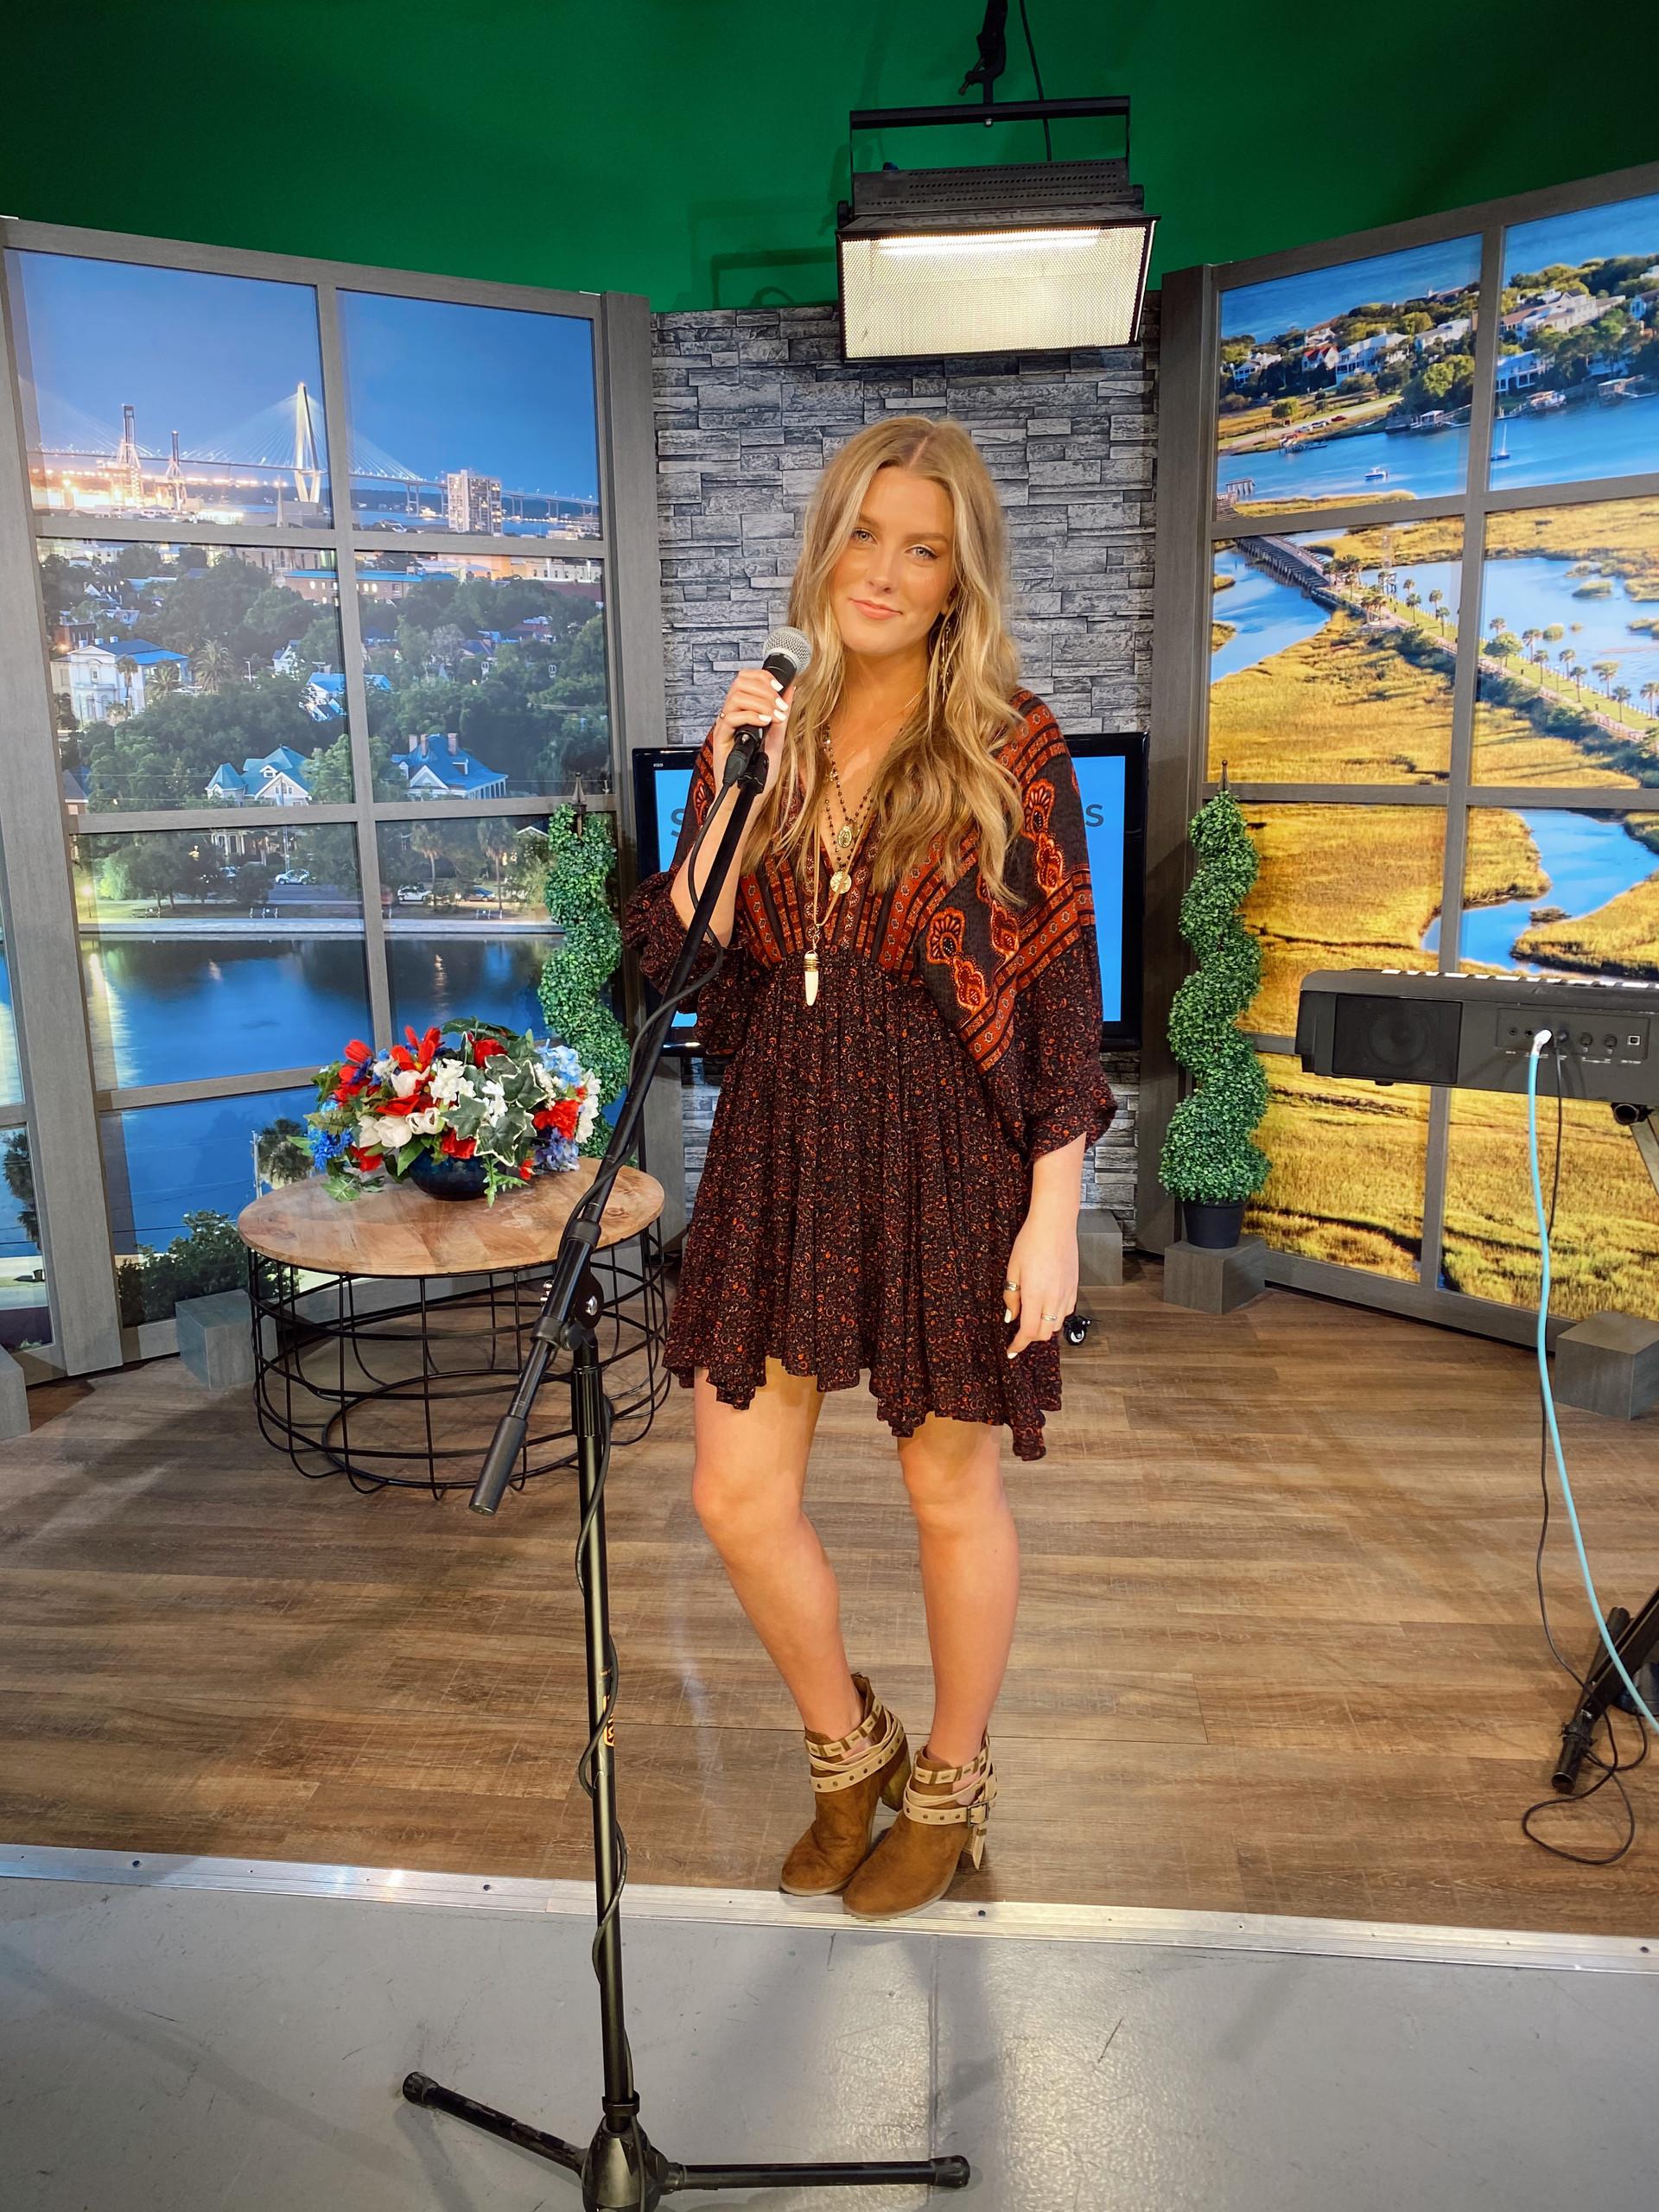 Faith performs for Fox 24 News